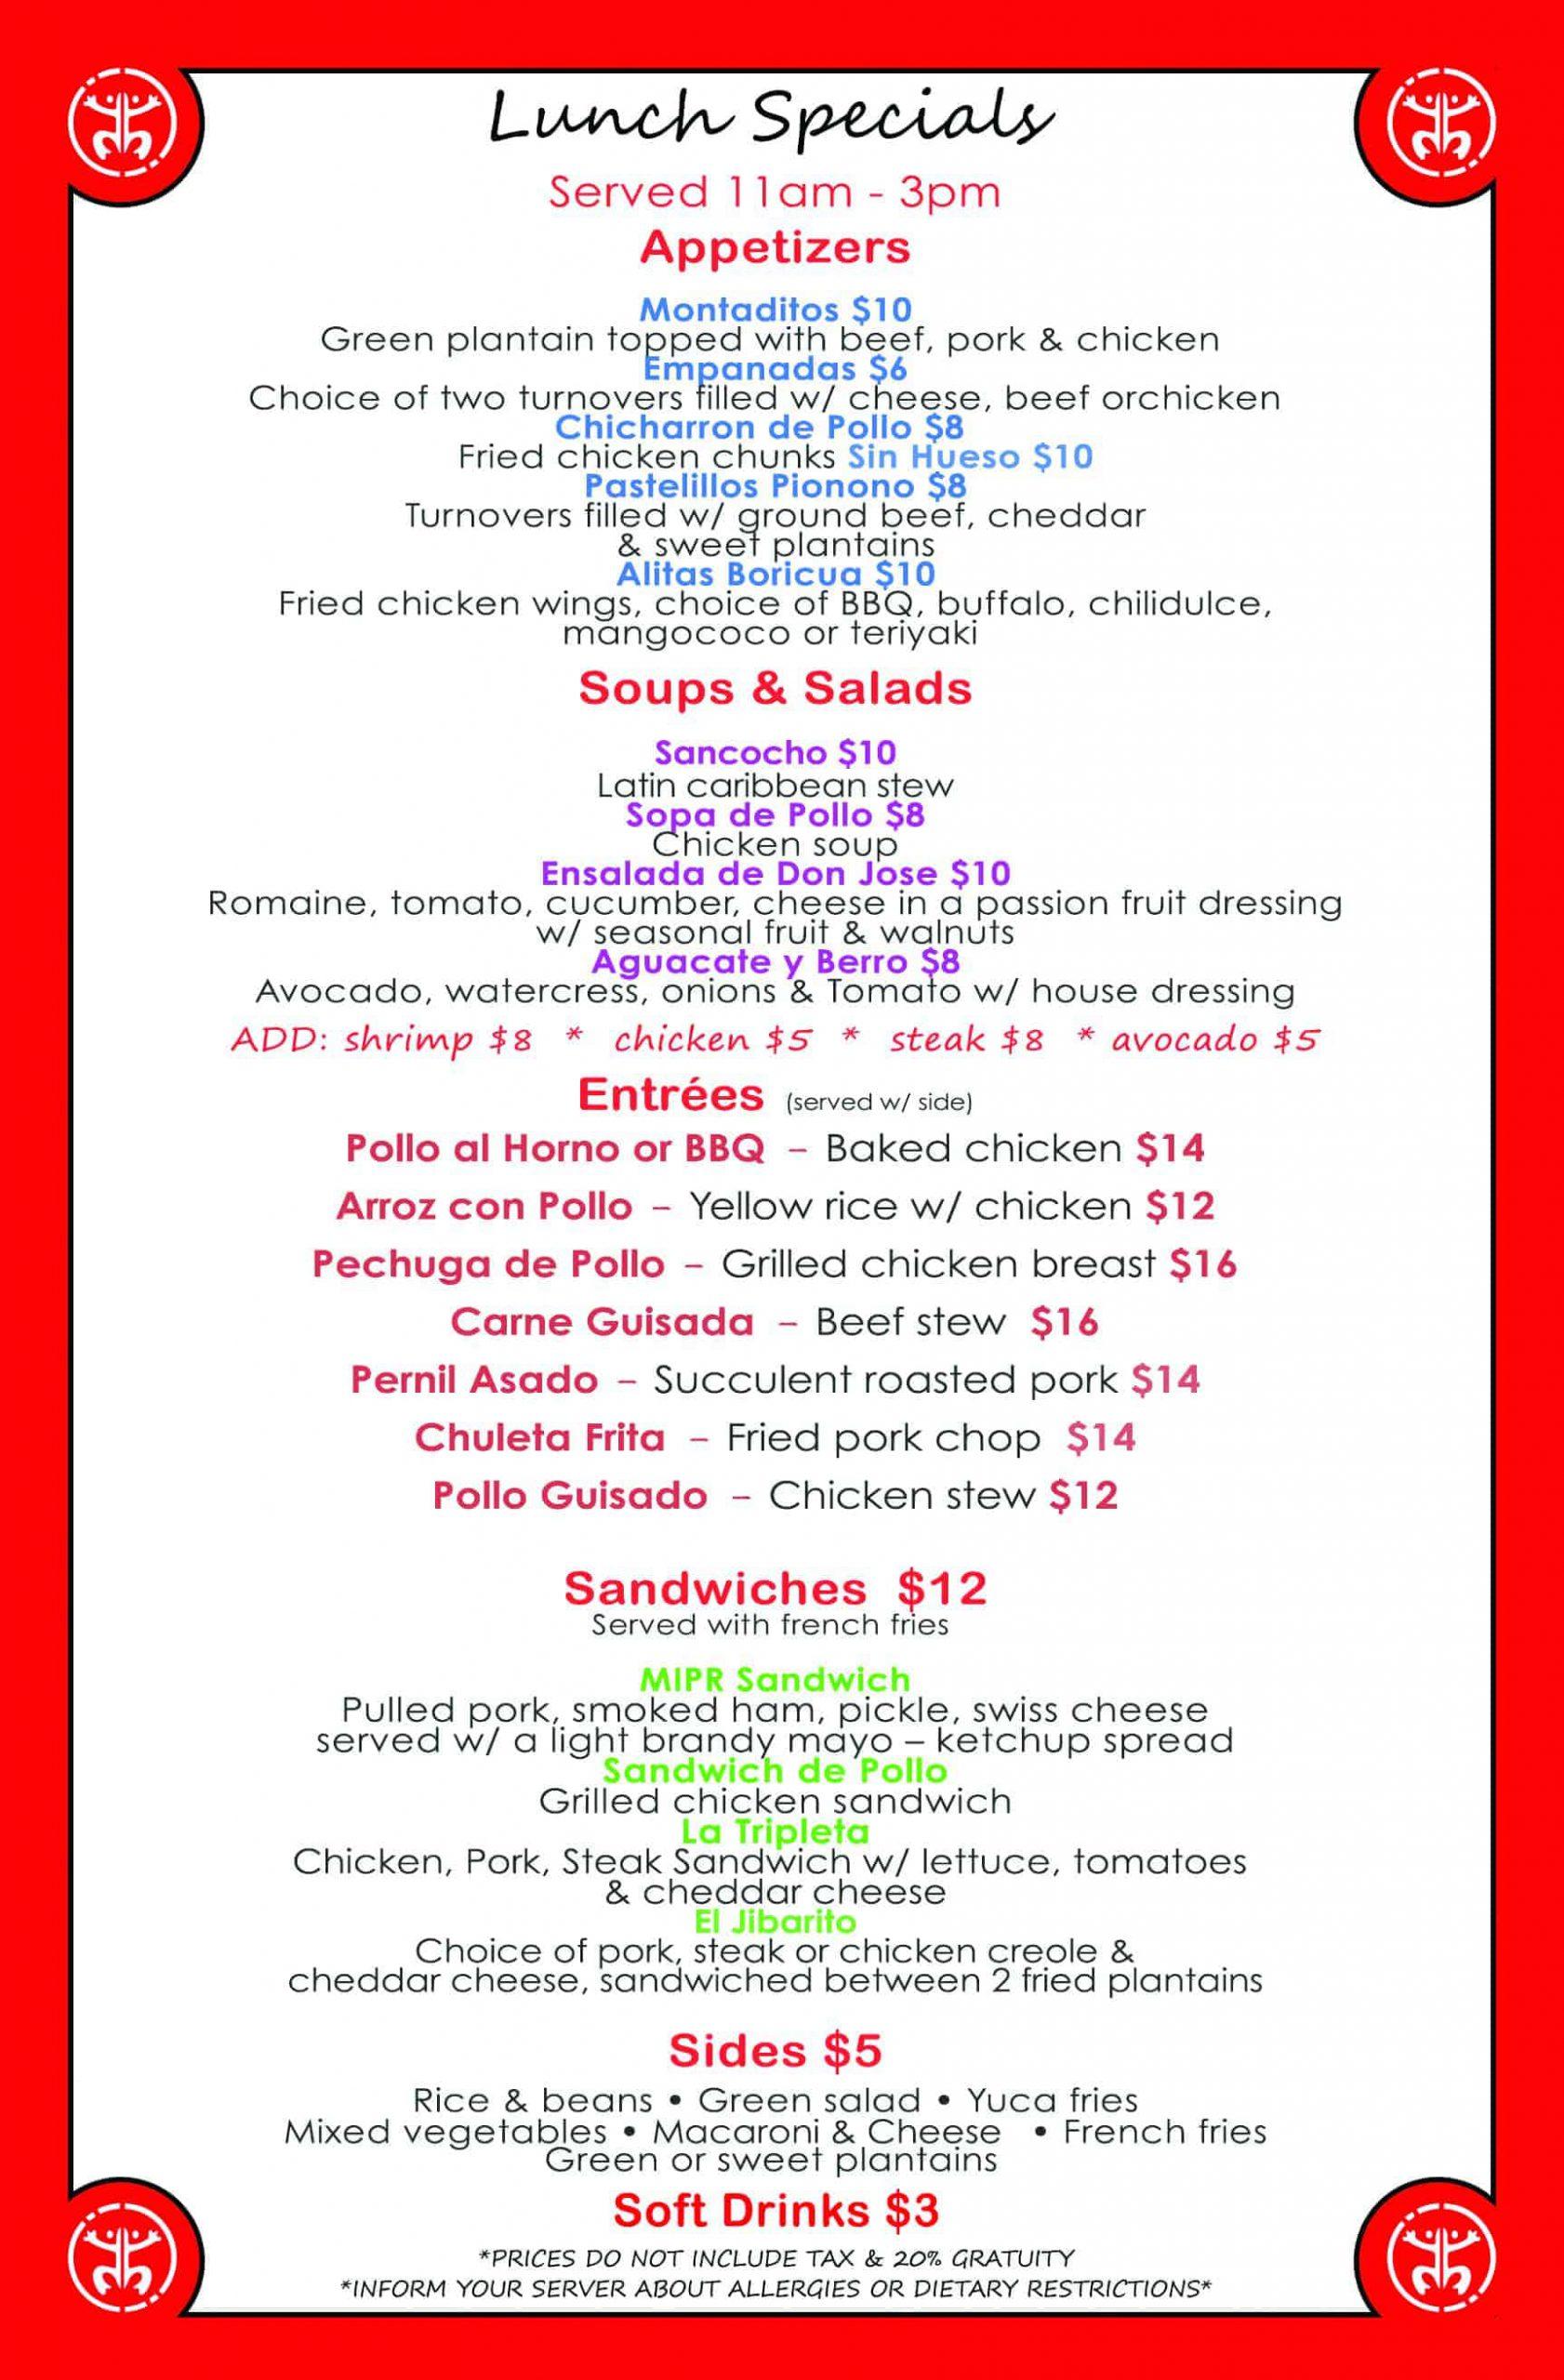 MIPR Lunch Specials